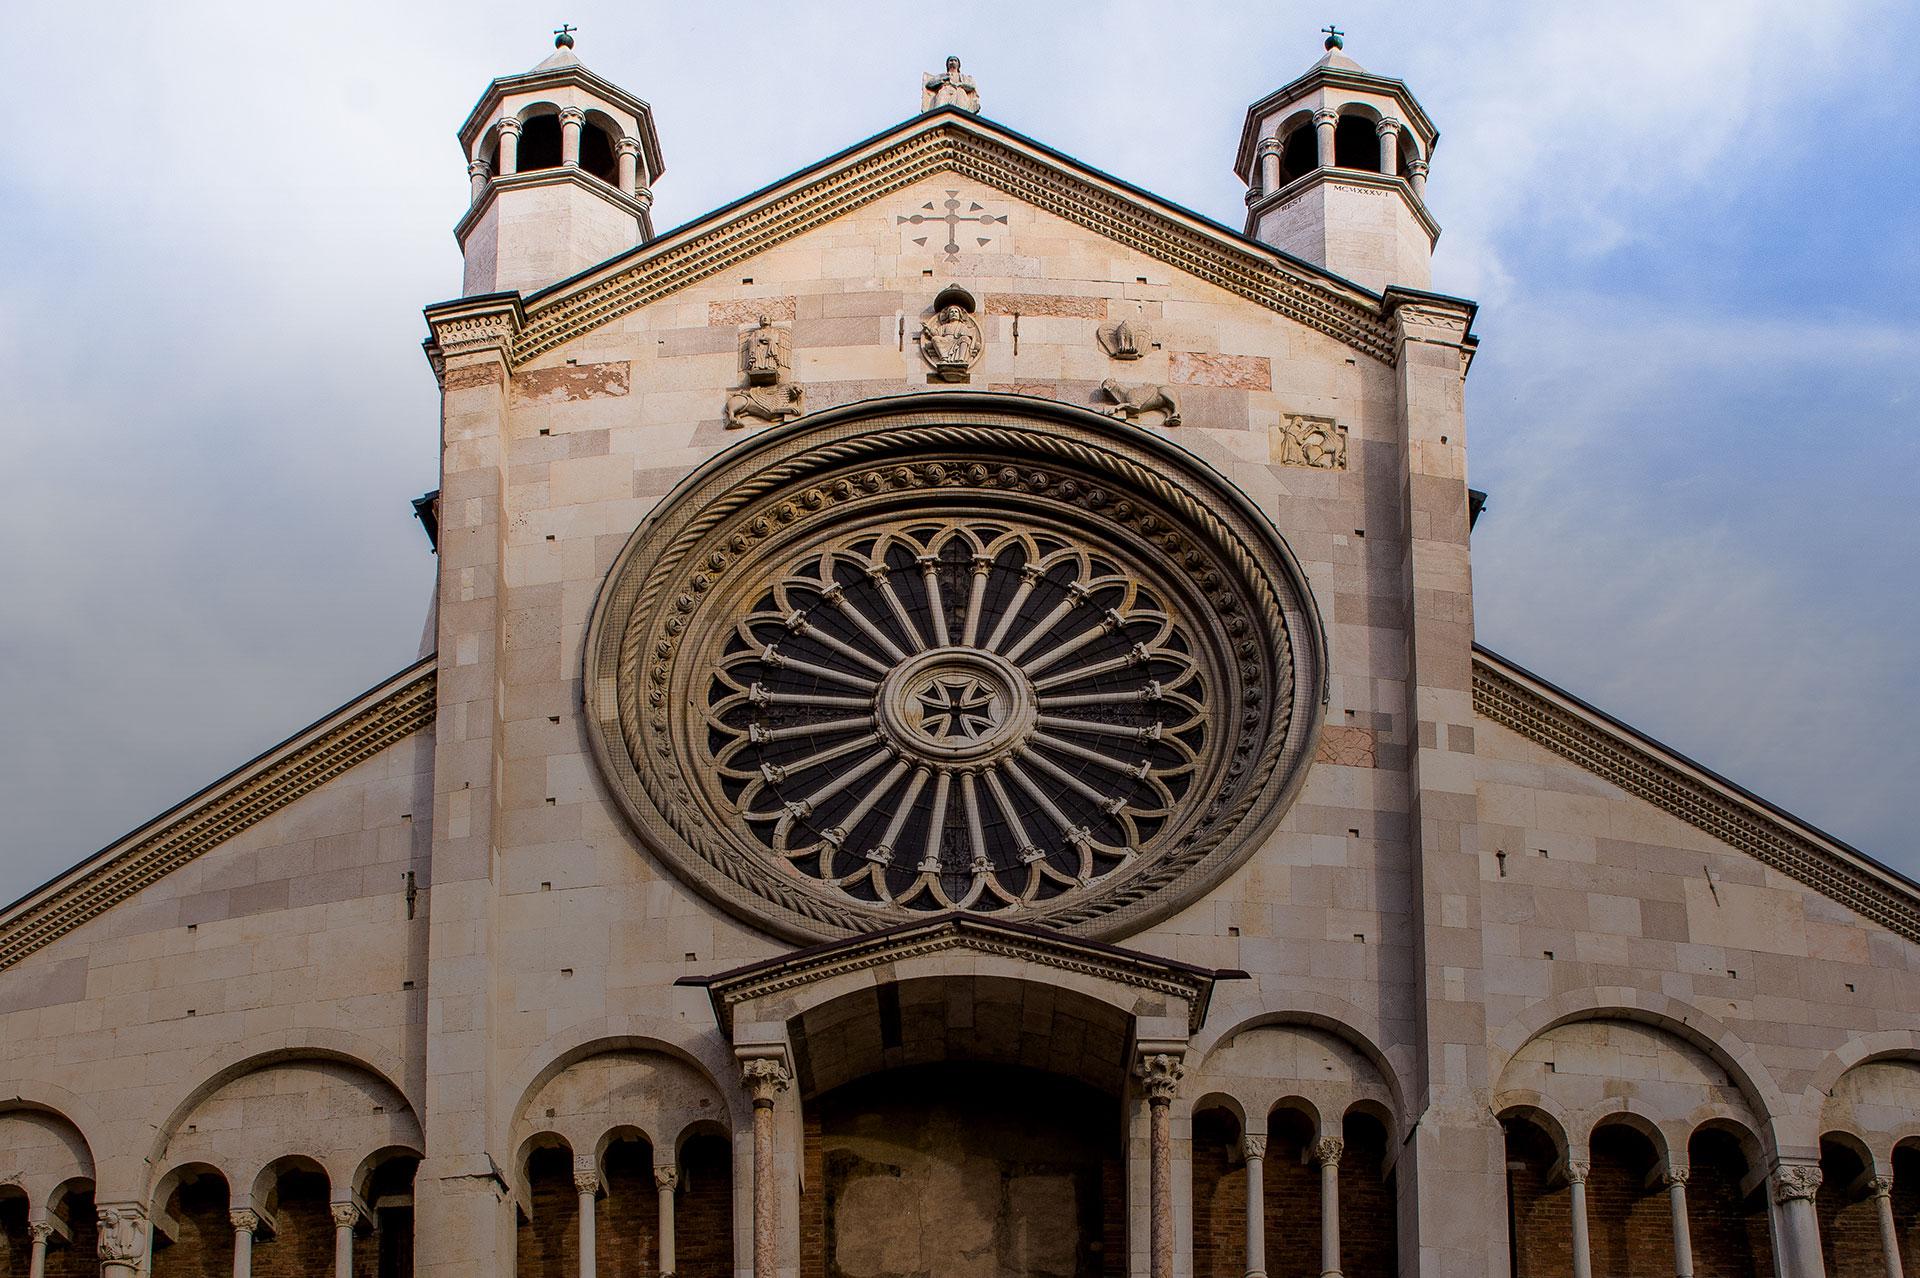 Rosone e Facciata Duomo - Musei del Duomo di Modena